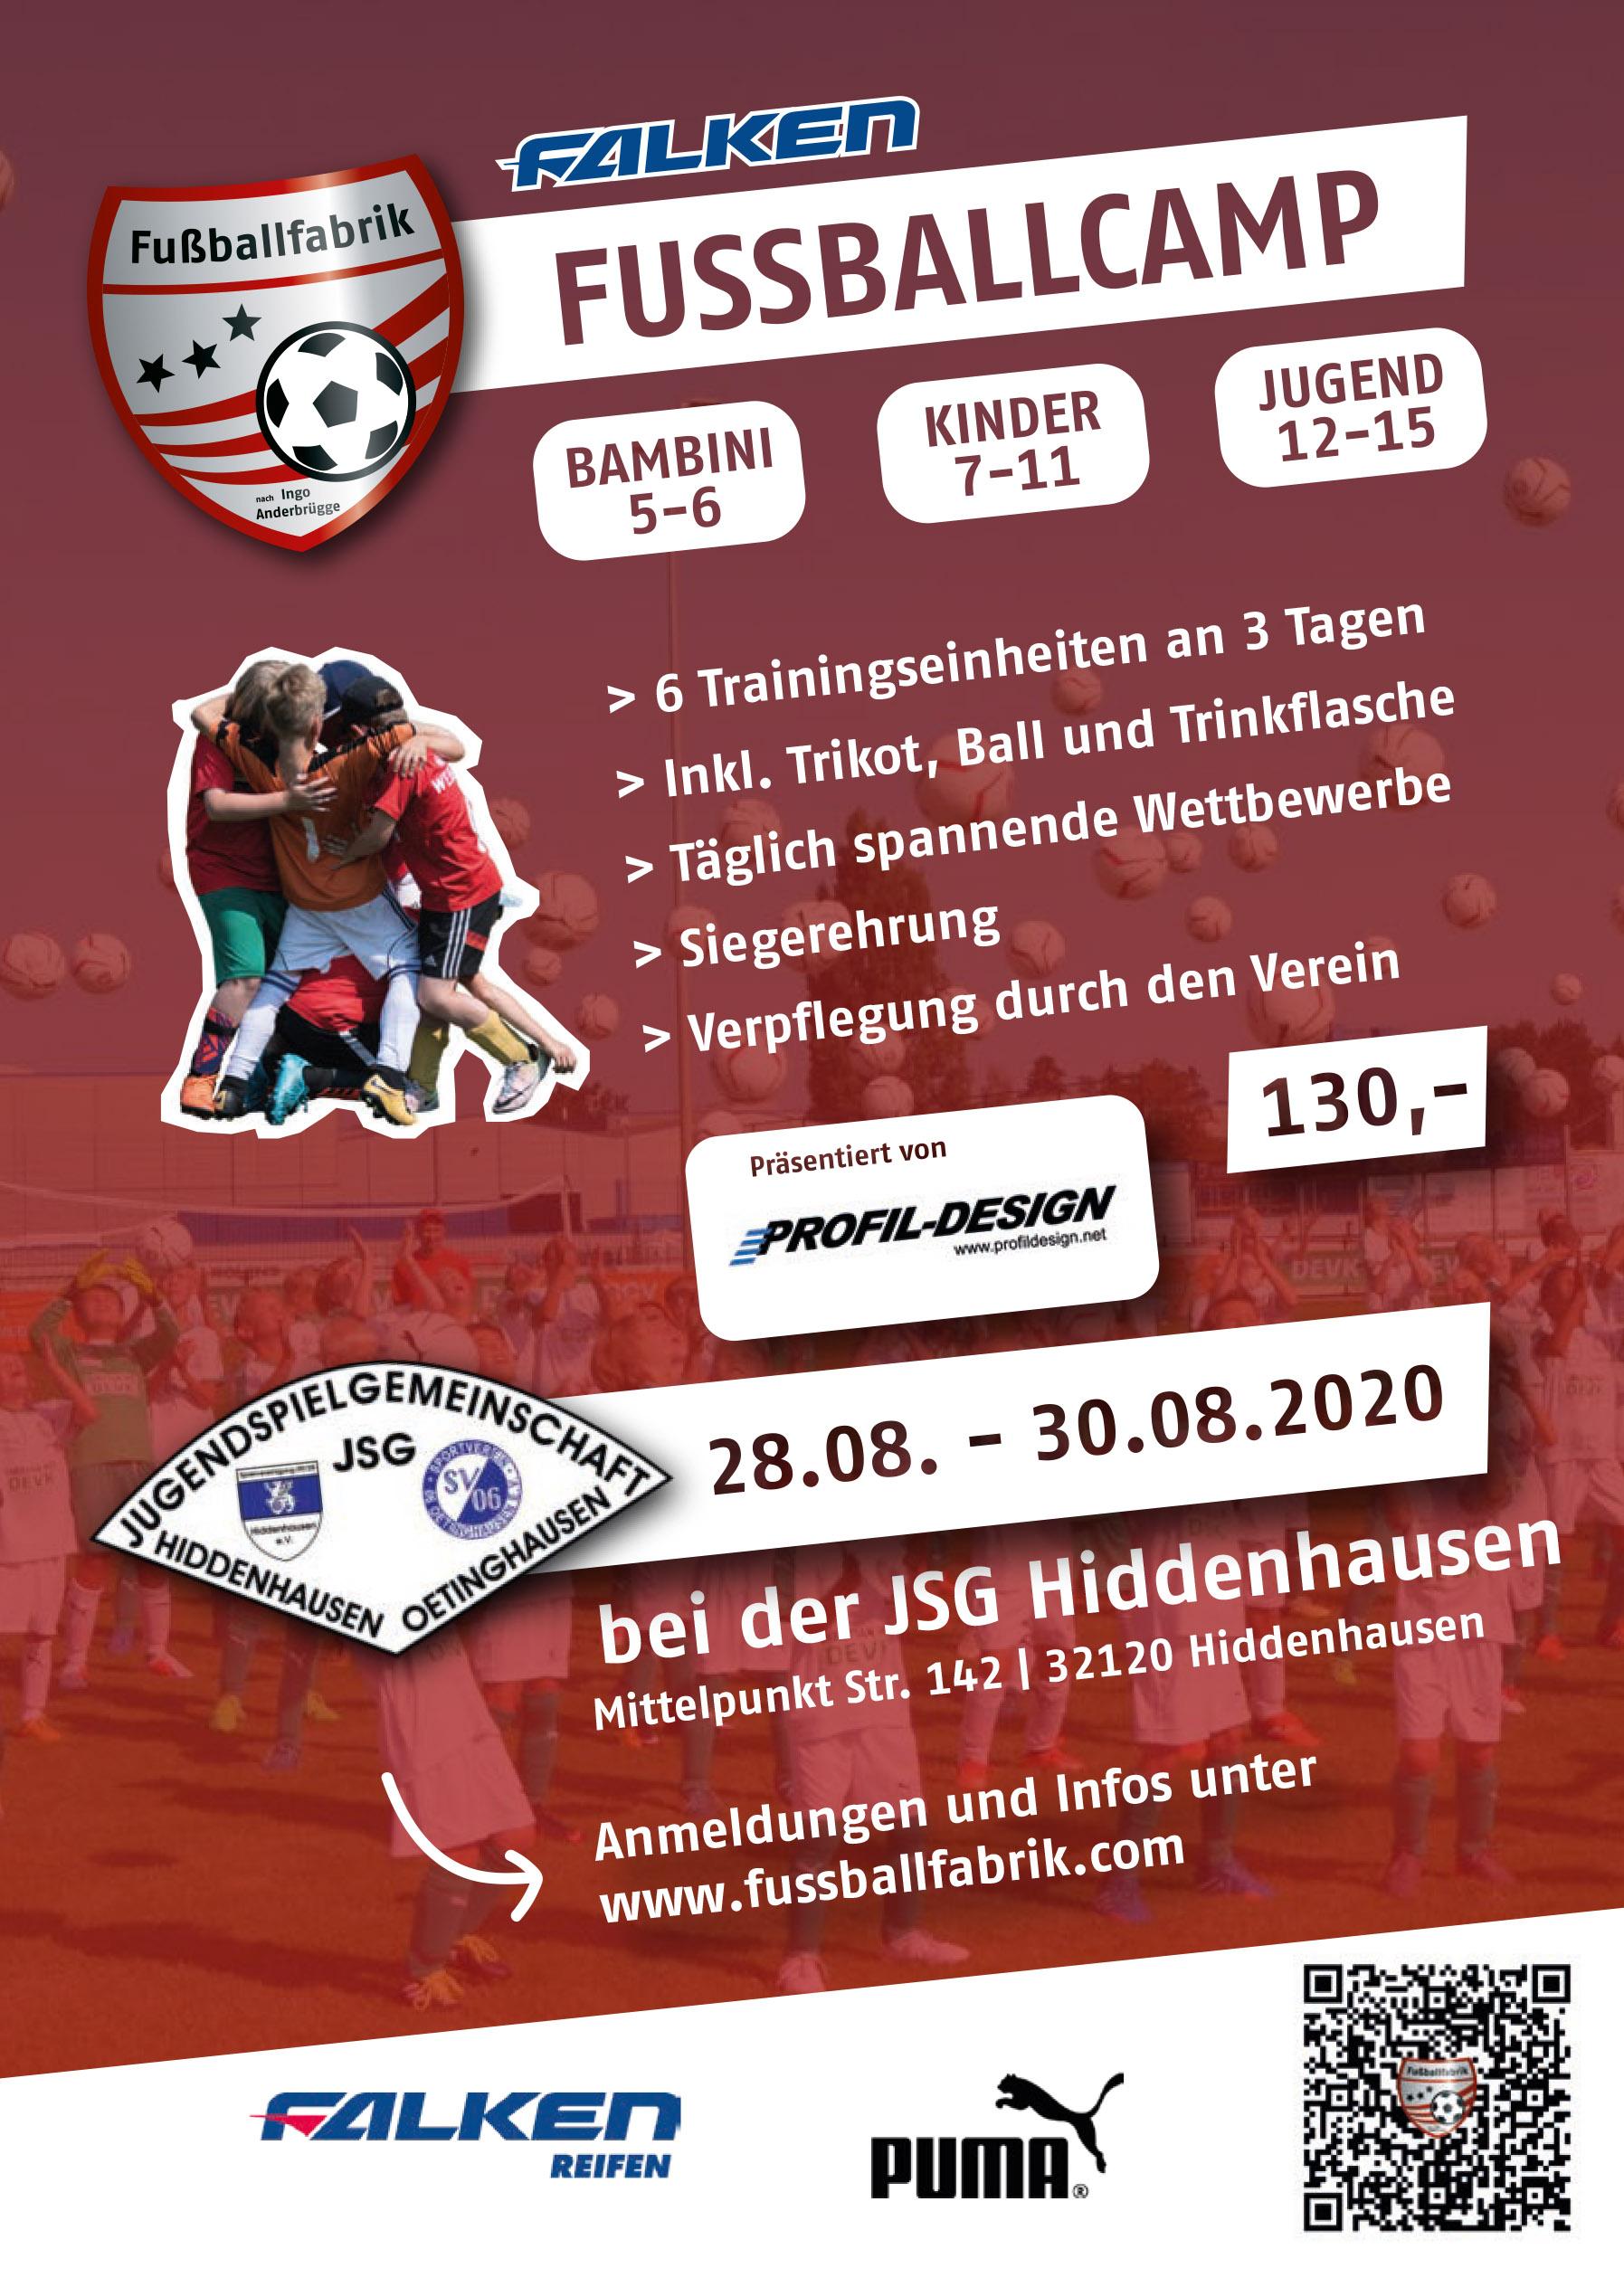 Fußballcamp August 2020